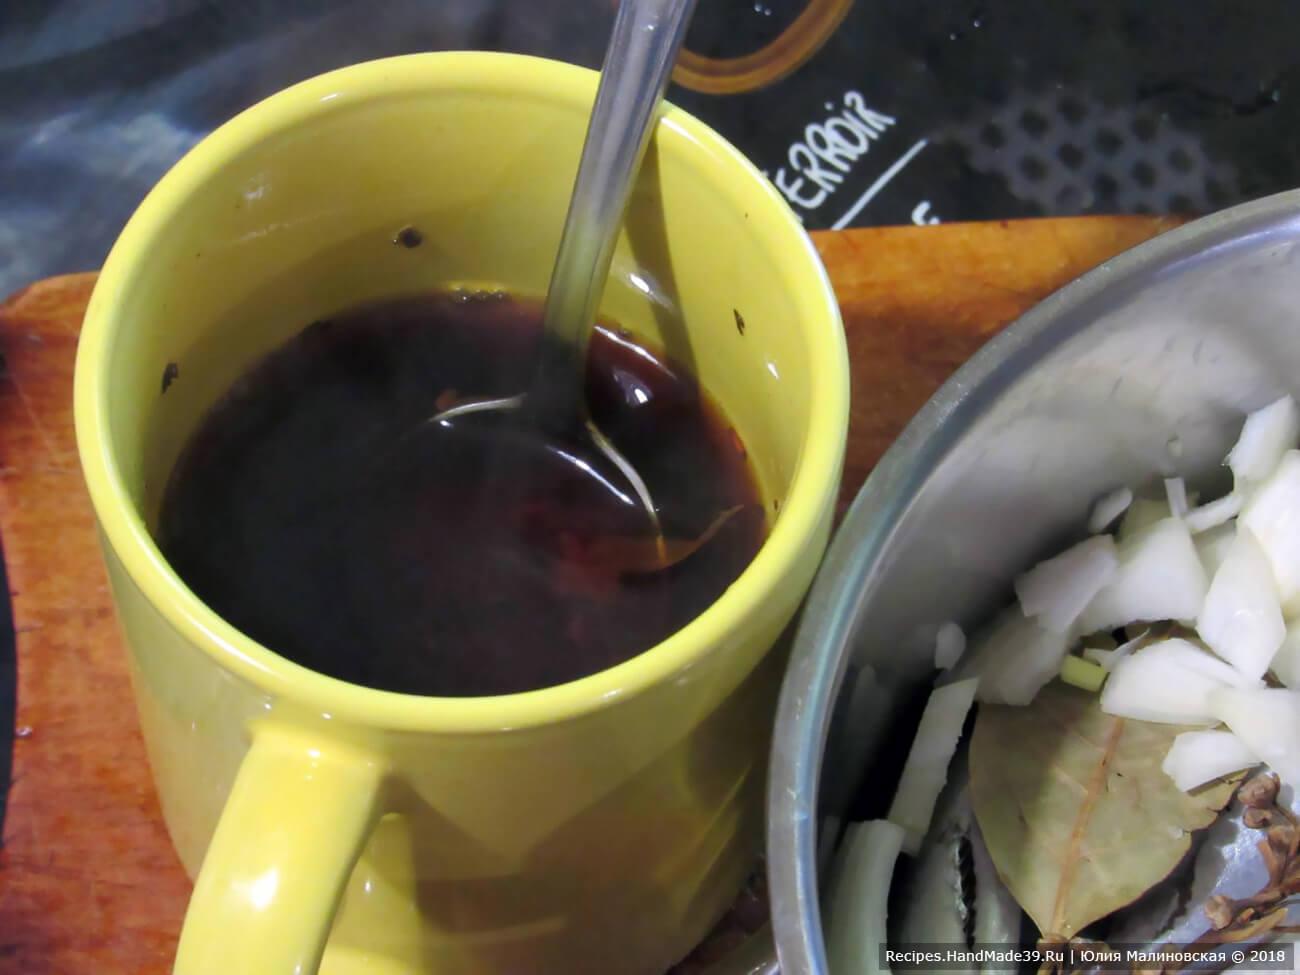 Чёрный чай заварить в кипятке, дать настояться 10 мин. Чай слить от заварки. Добавить уксус и растительное масло